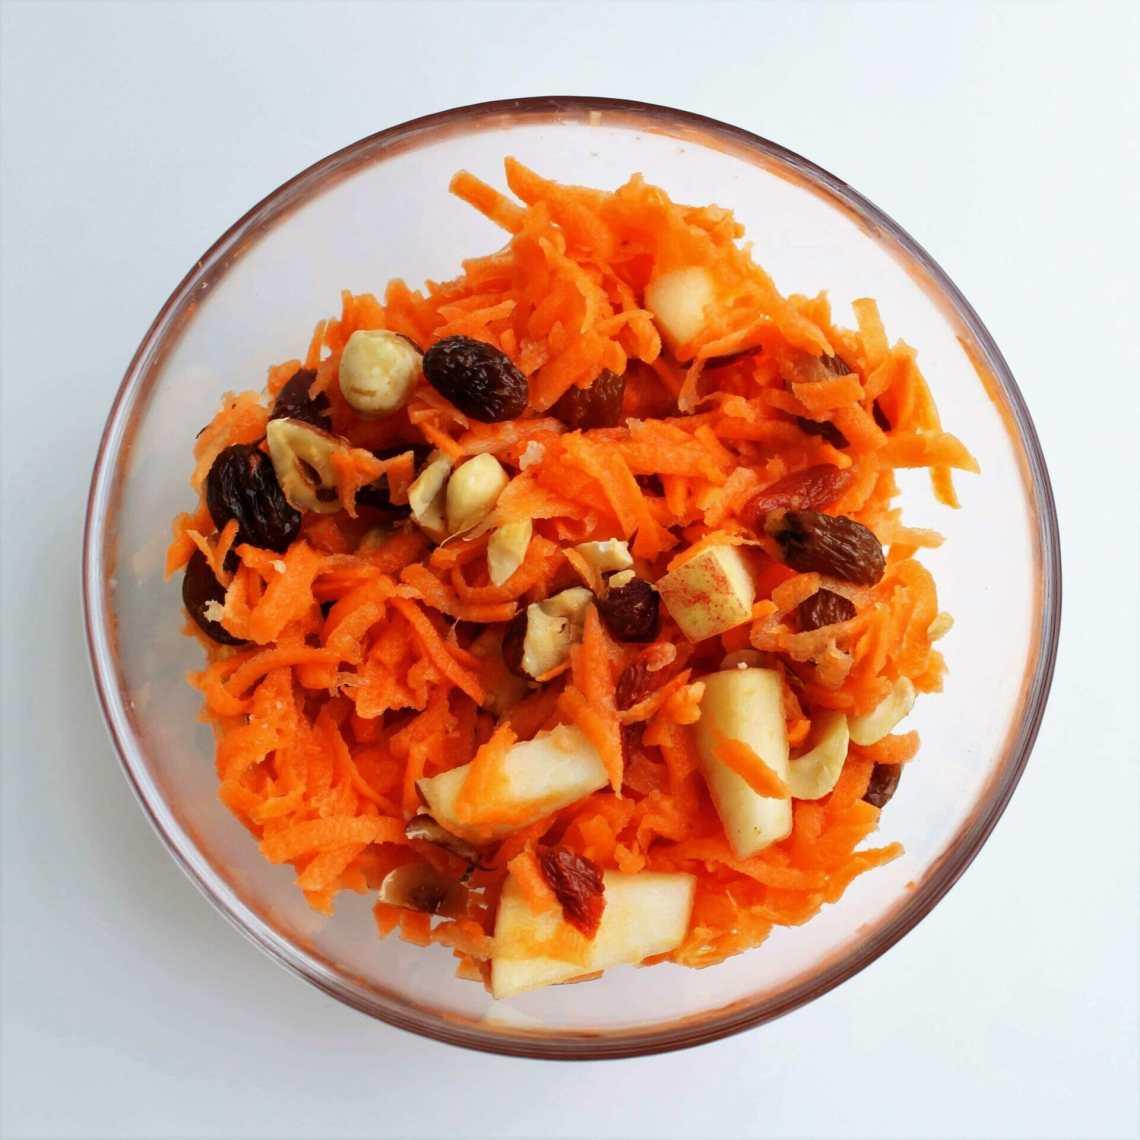 Sådan laver du en nem og lækker råkost. Lav en sund råkostsalat og spis den til frokost eller aftensmad. Find opskrifter, gratis print og inspiration til årets gang på danishthings.com